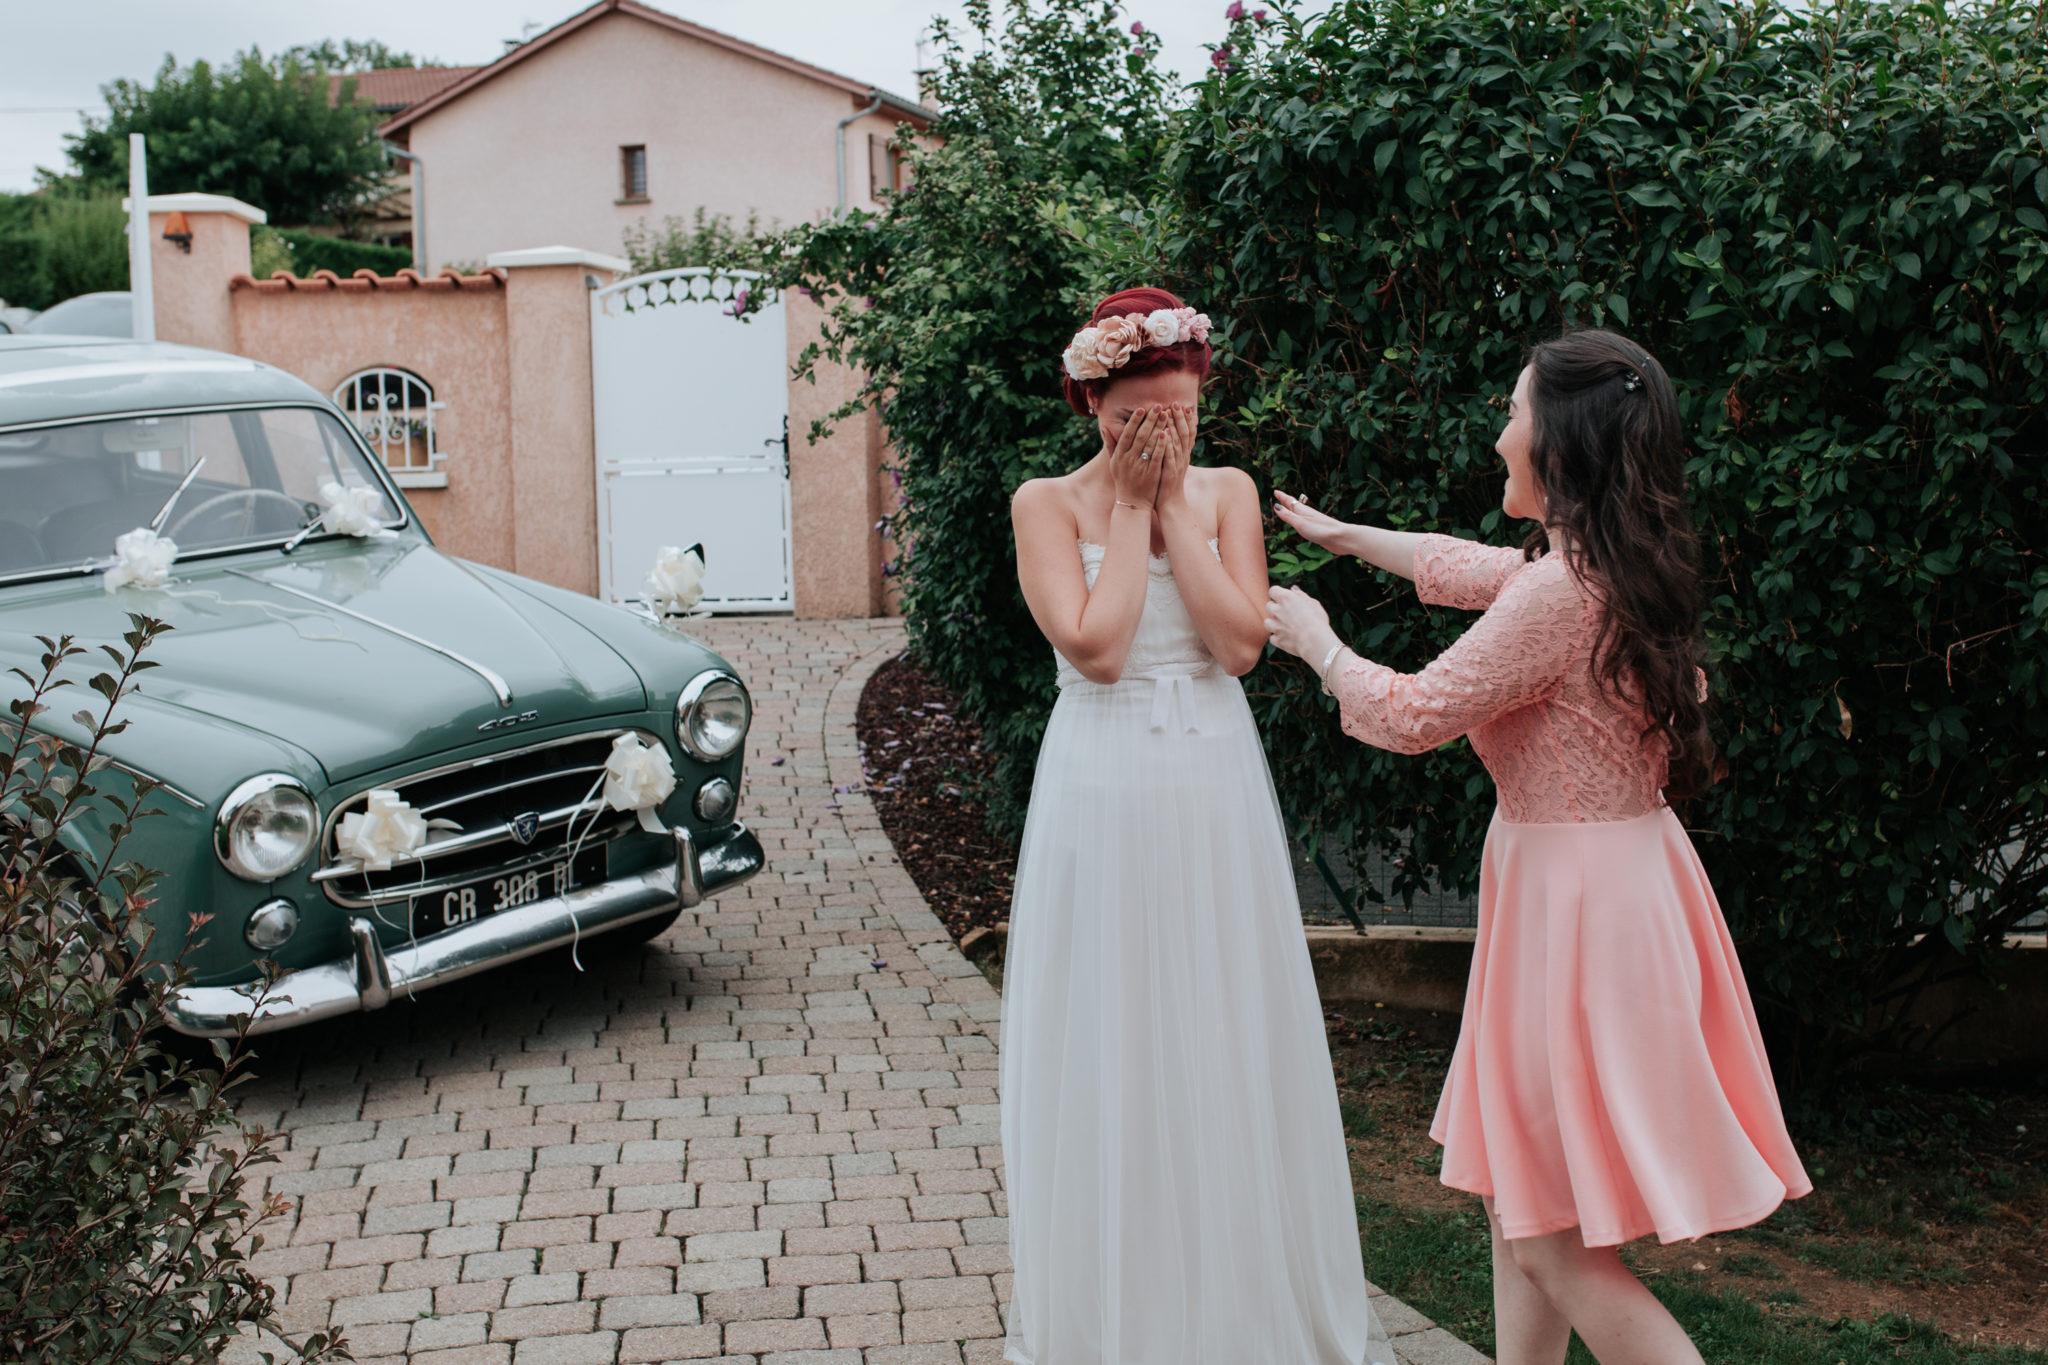 Surprise mariée Beaujolais peugeot 403 vintage vert